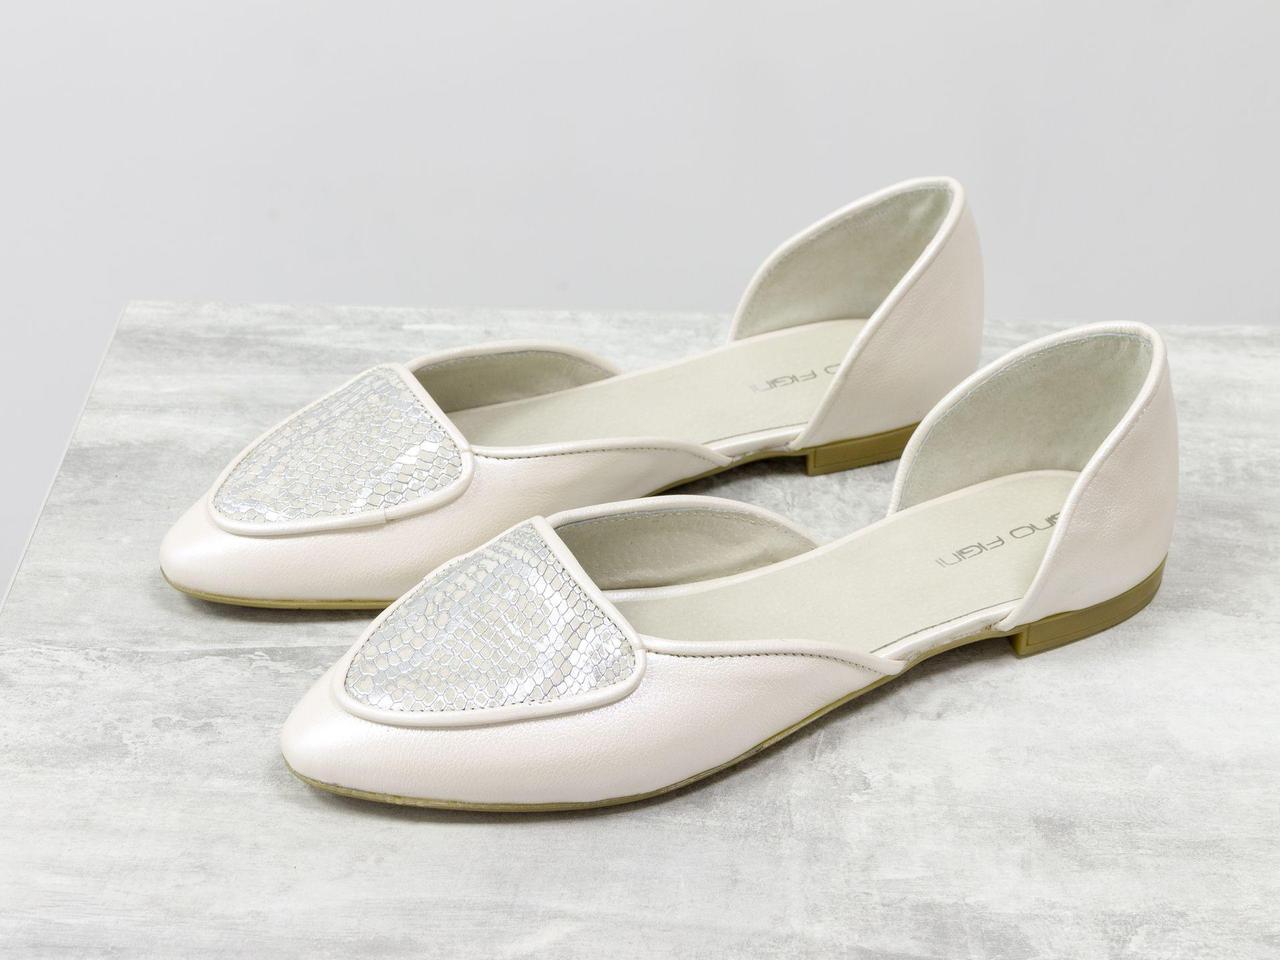 Облегченные туфли-лодочки с удлиненным носиком на низком ходу нежного сочетания молочной кожи с легким мерцанием и эксклюзивной кожи серебряный питон,